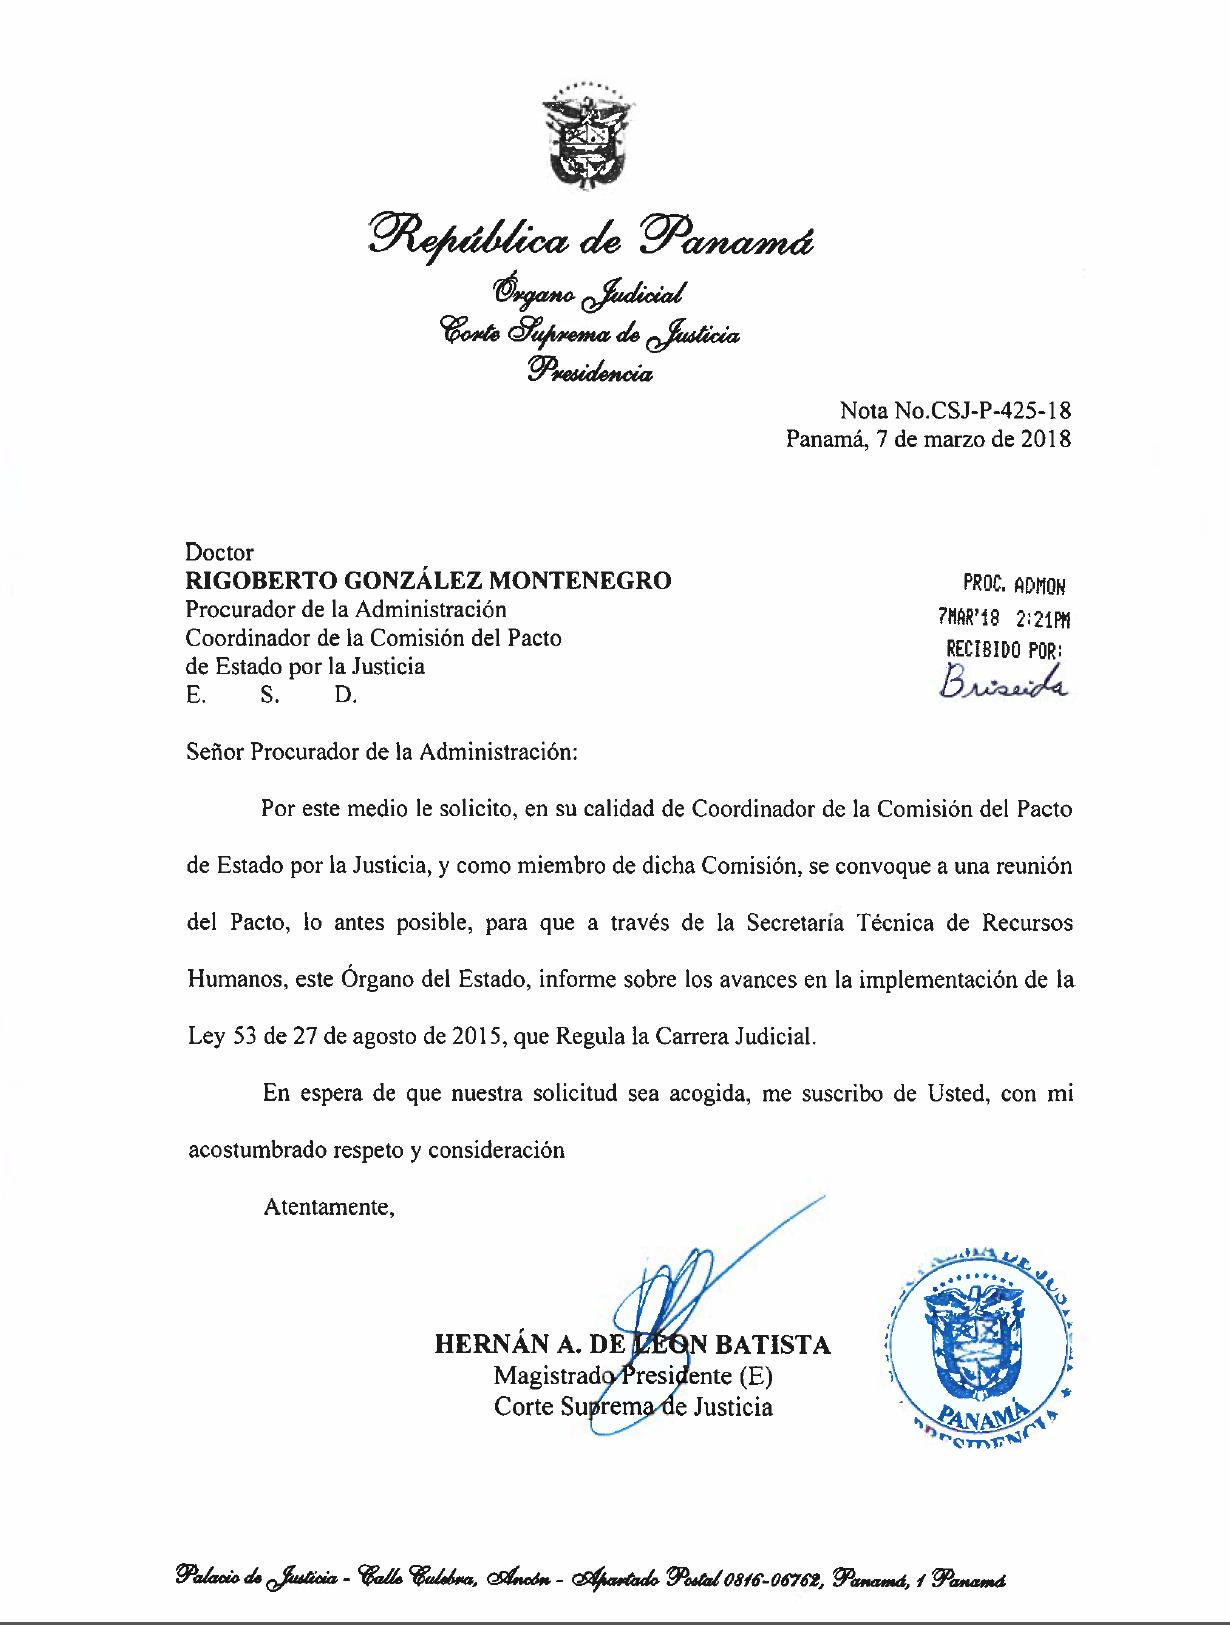 nota-425-presidente-corte-suprema-de-justicia-panama